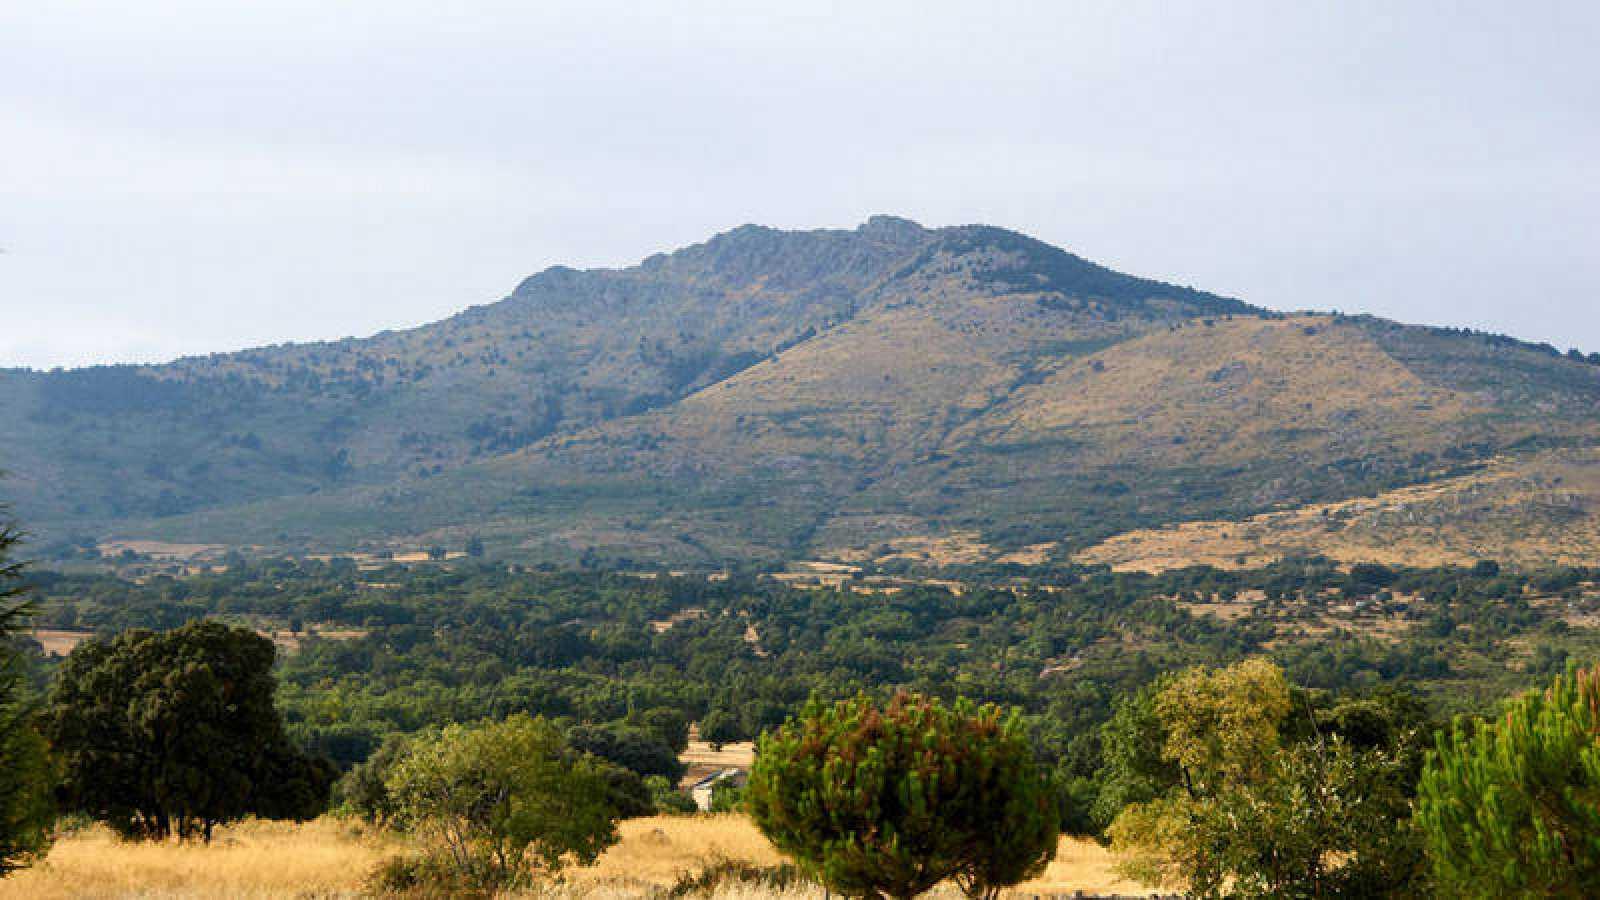 Vista de La Peñota desde Los Molinos.